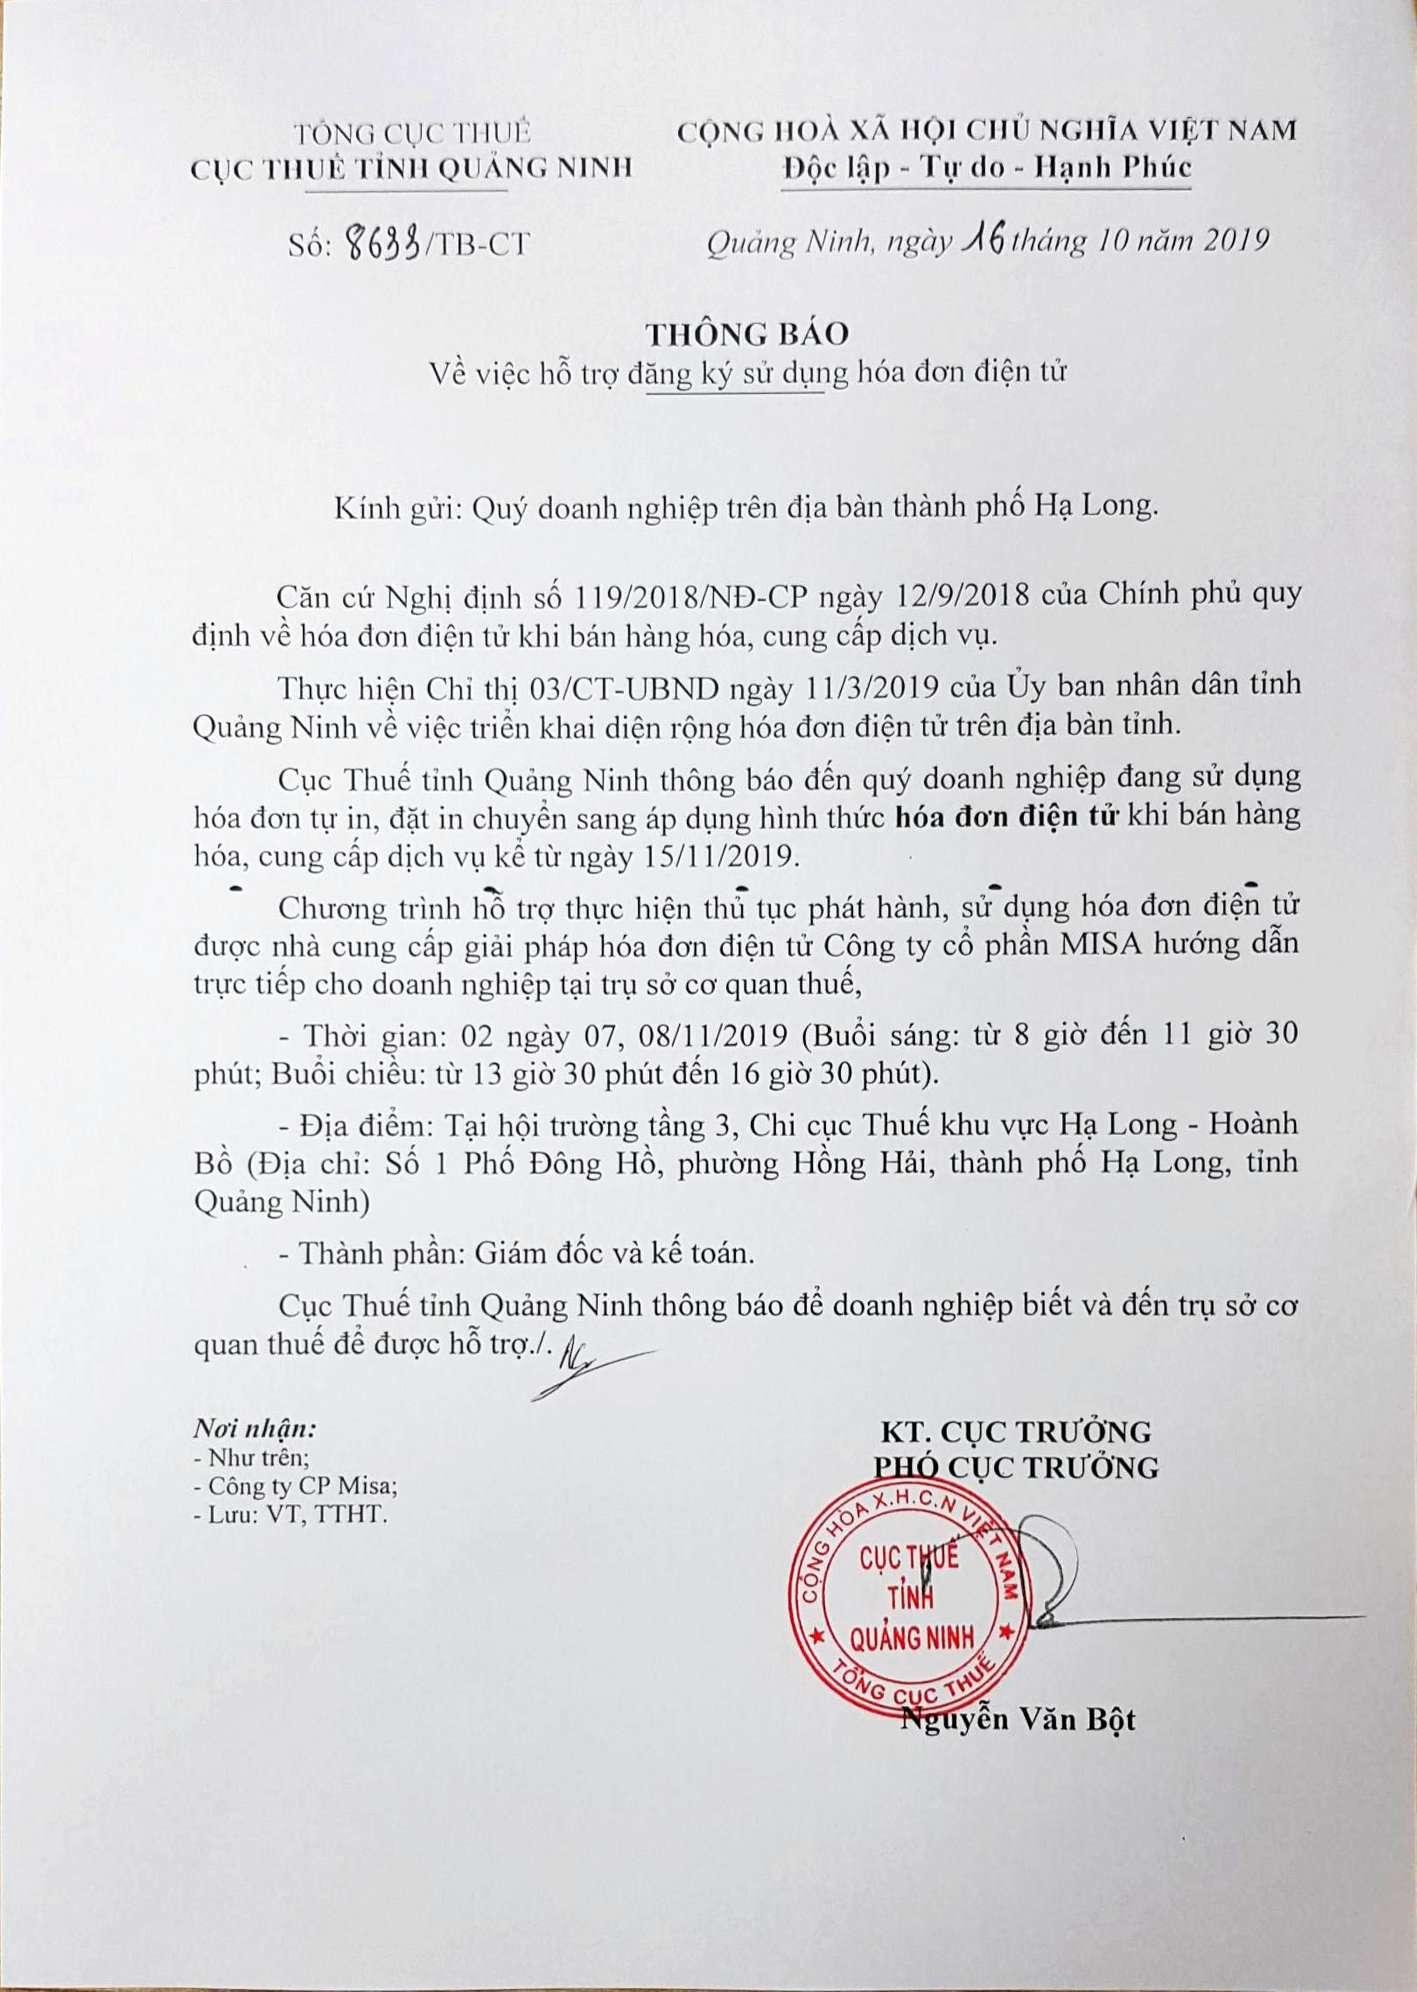 hỗ trợ chuyển đổi hóa đơn điện tử tỉnh Quảng Ninh